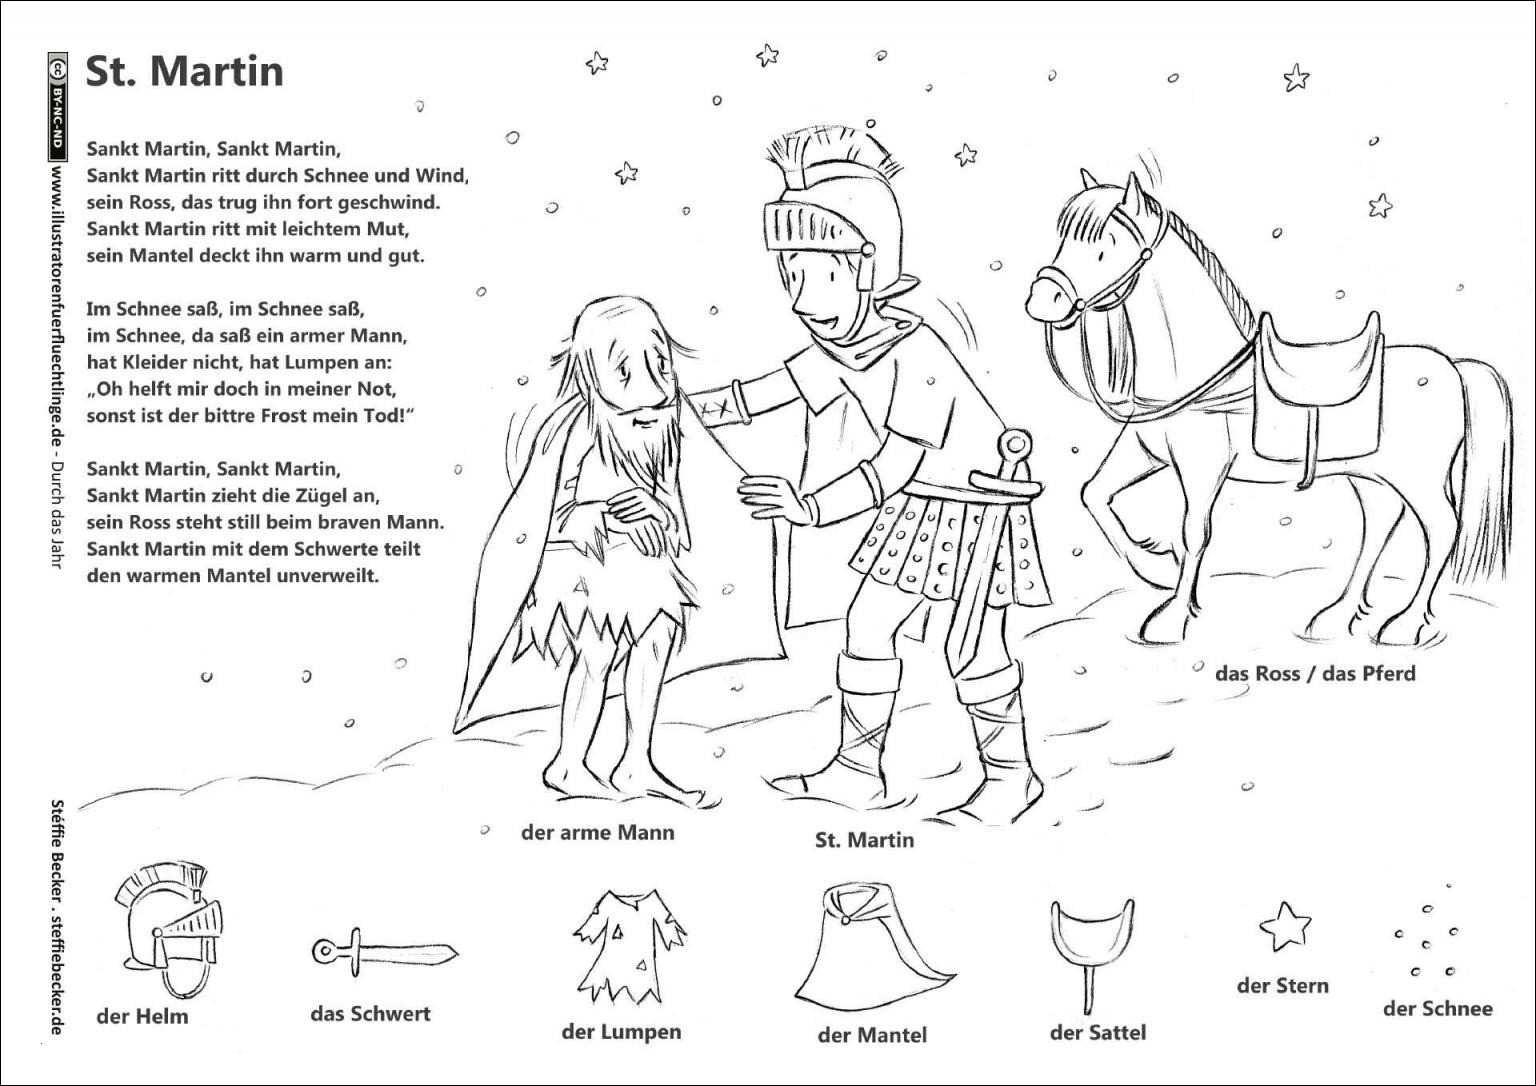 Anna Und Elsa Ausmalbilder Genial Ausmalbilder Anna Und Elsa Olaf Image 40 Frozen Elsa Ausmalbilder Stock